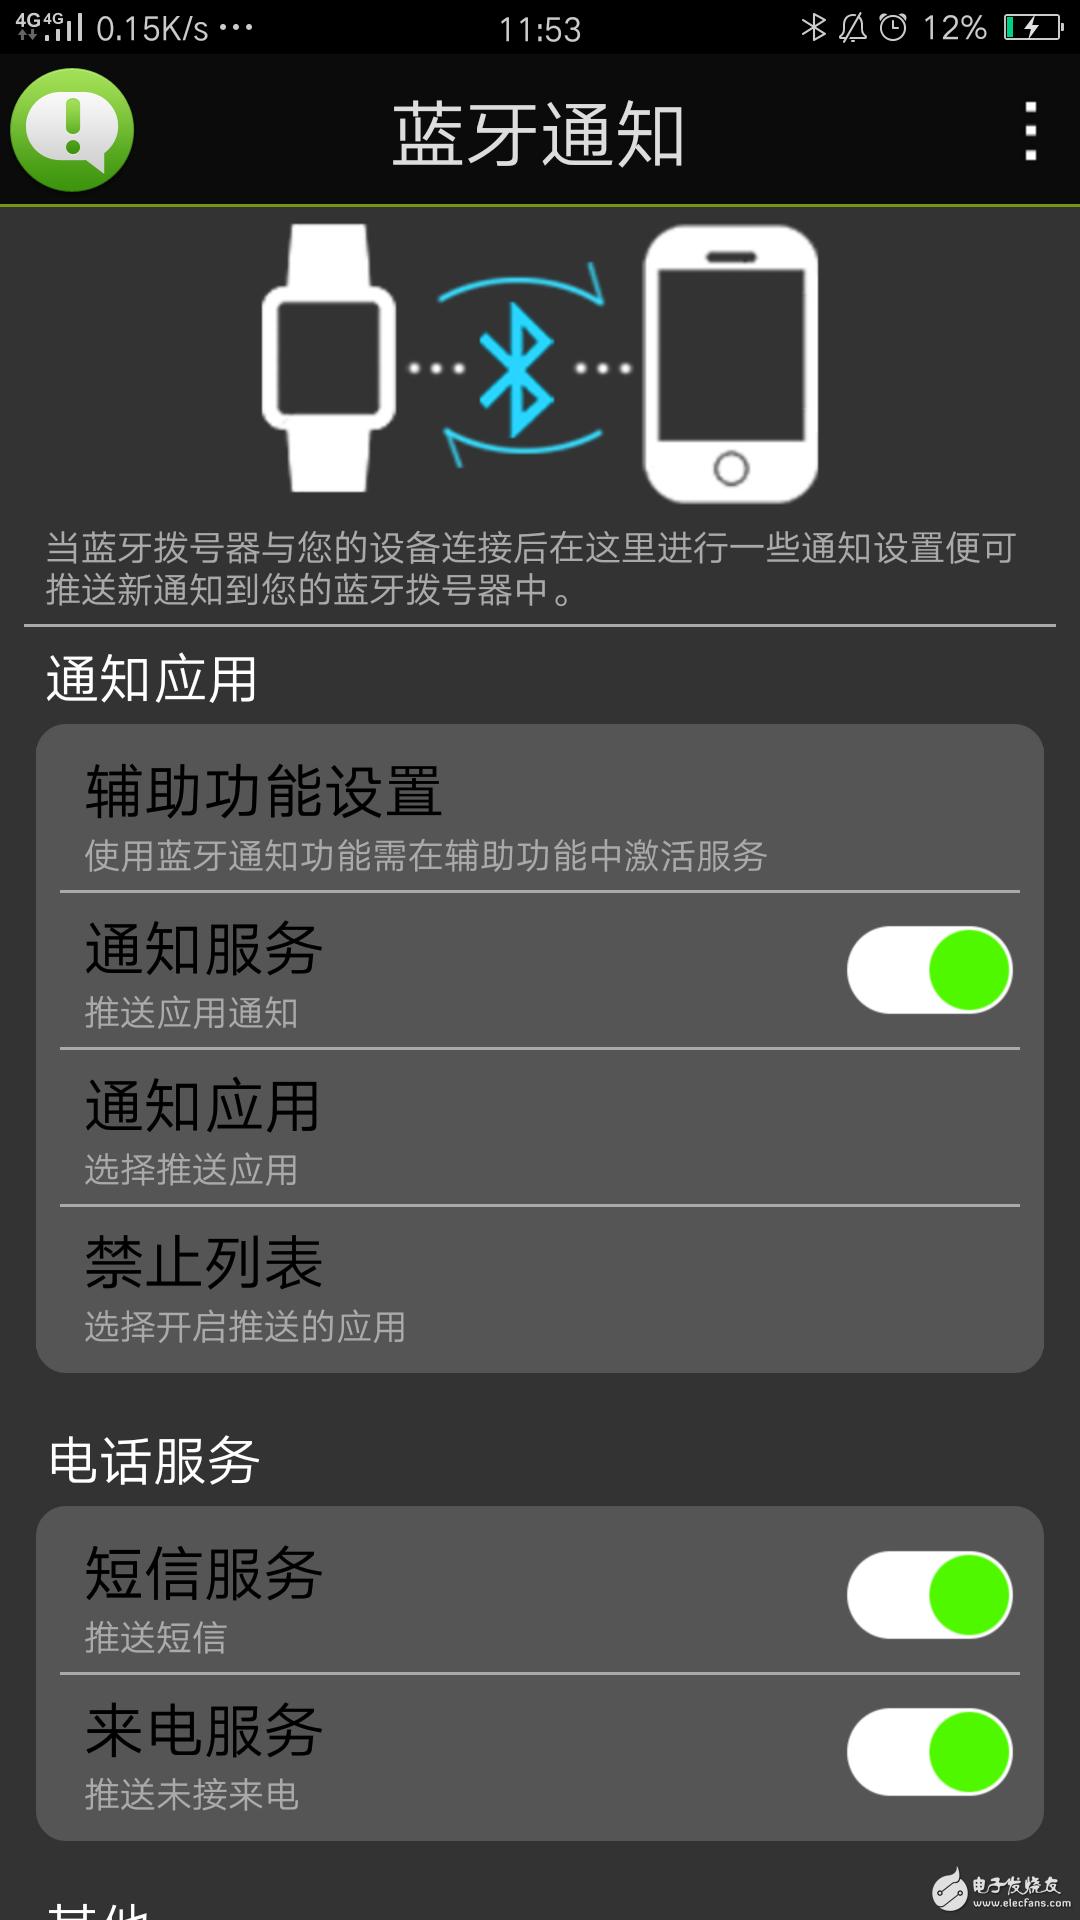 hc-05藍牙接收手機通知并顯示